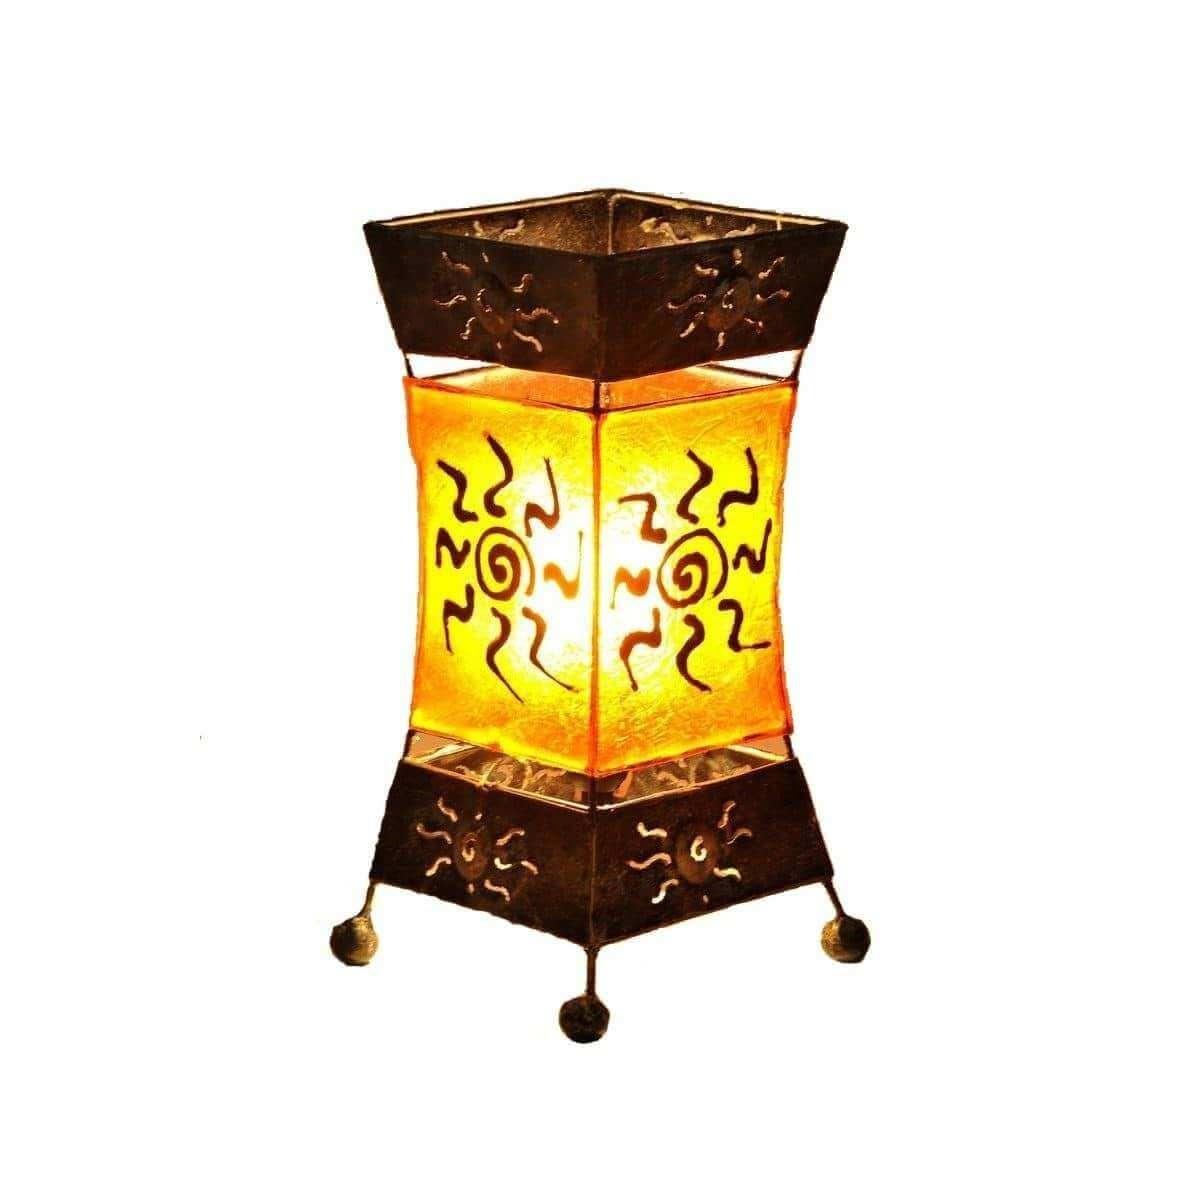 deko leuchte stimmungsleuchte stehleuchte tischleuchte tischlampe bali xenia ebay. Black Bedroom Furniture Sets. Home Design Ideas